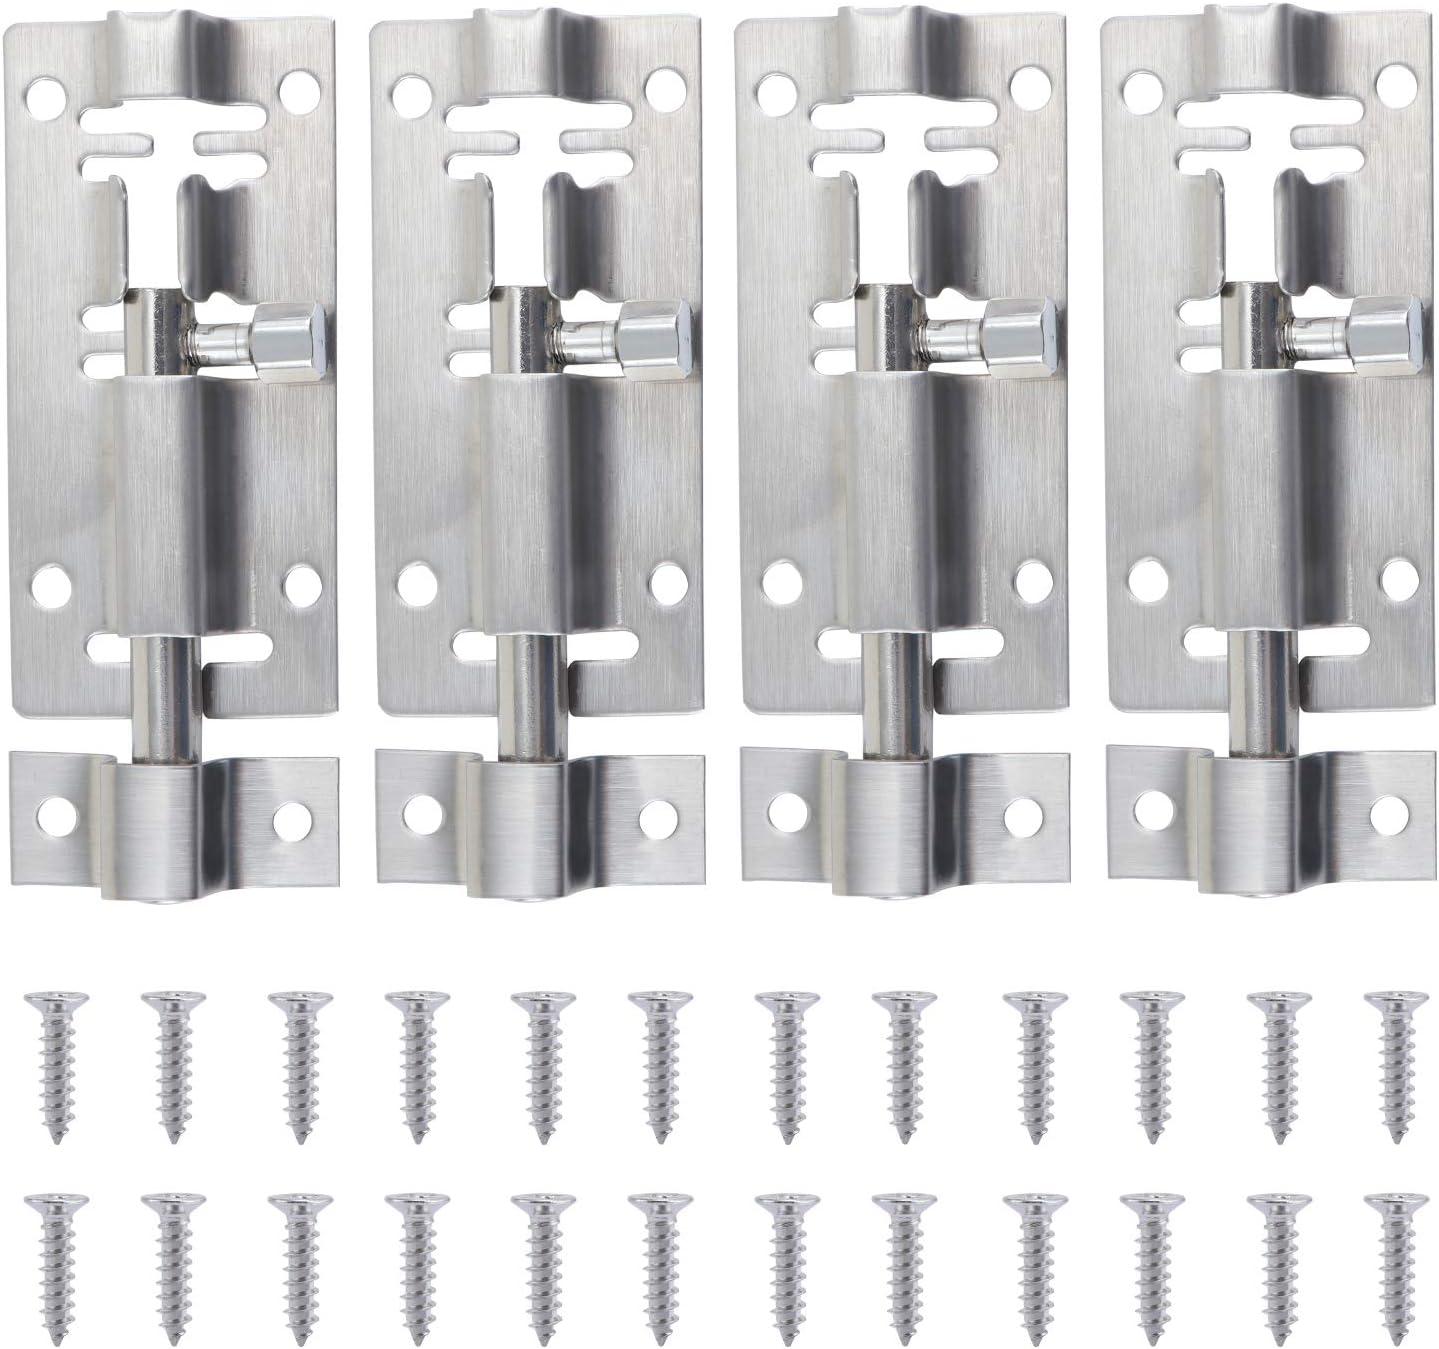 abri de WC HSEAMALL 4 PCS 3 Inch 7.6 cm verrous de porte coulissants en acier inoxydable avec vis pour salle de bain